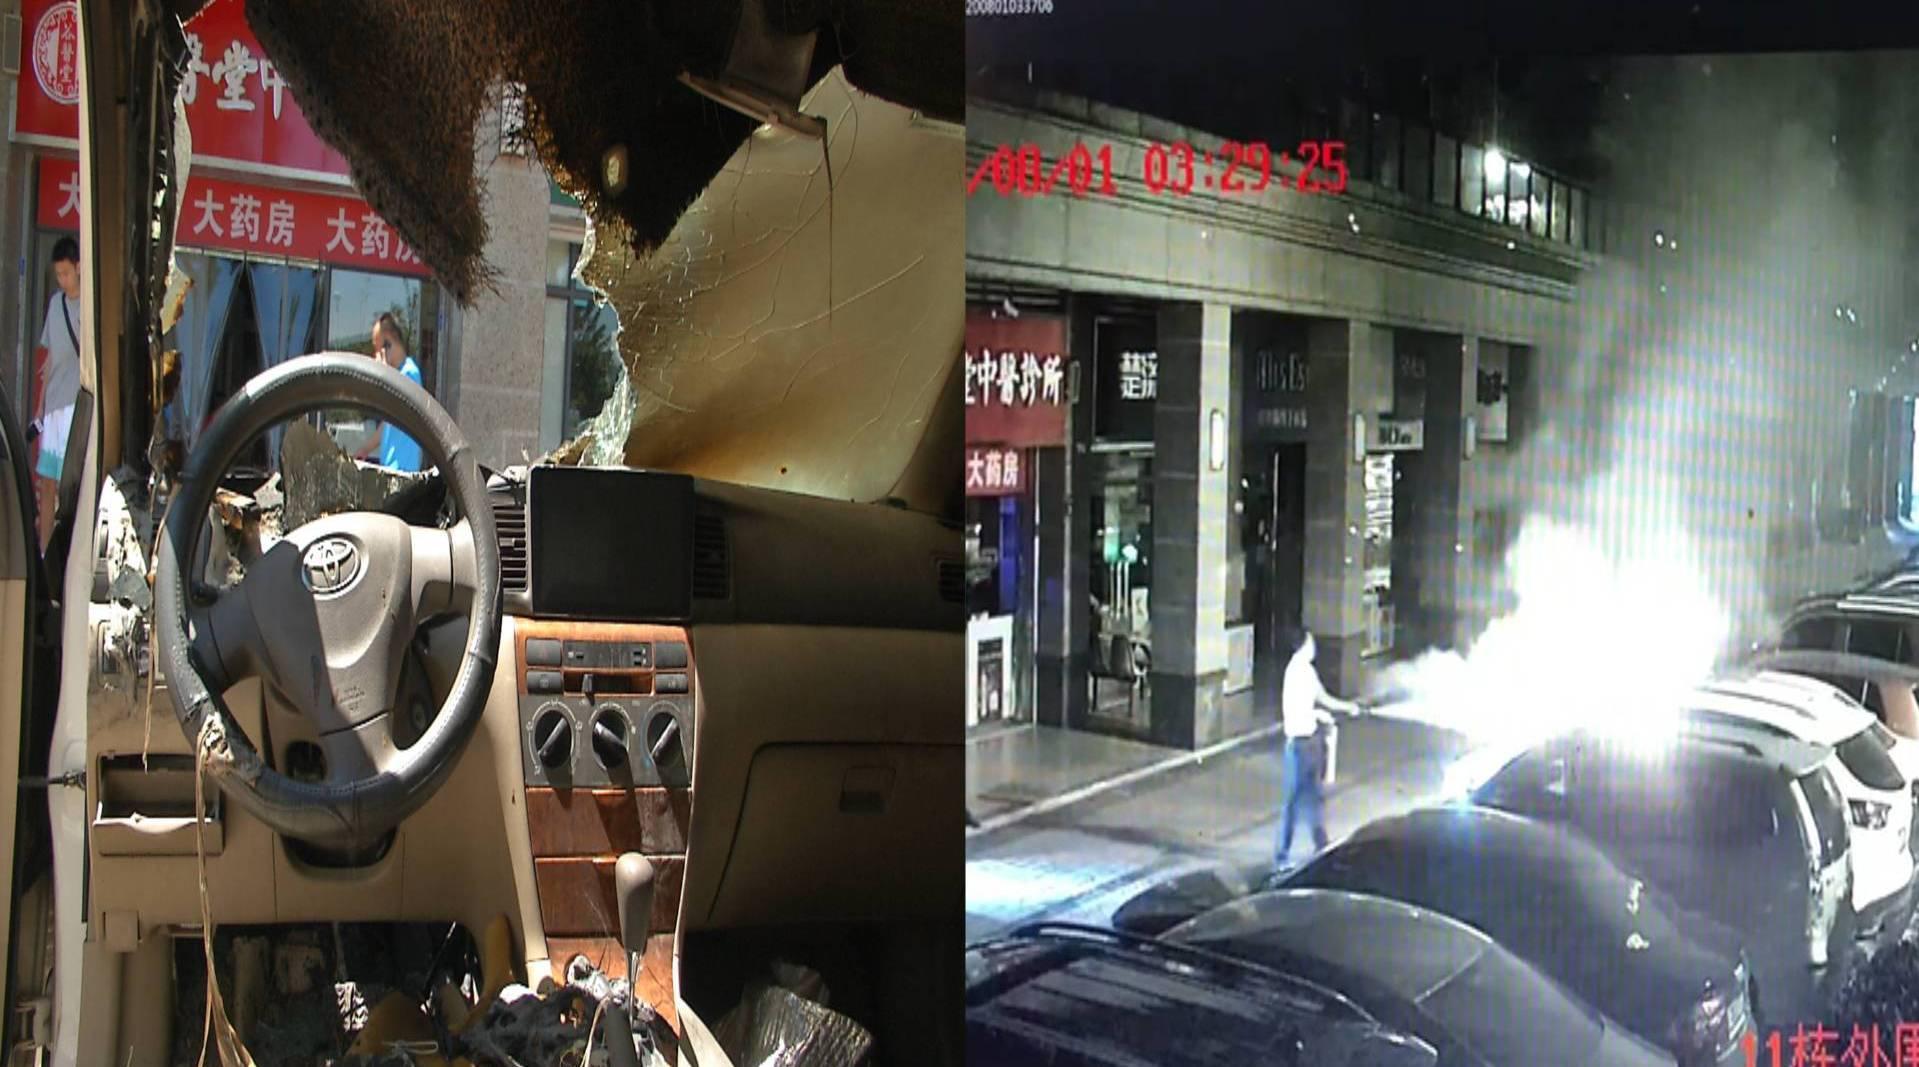 男子半夜纵火烧车 被监控拍下,车主看了画面后吓得不敢睡觉